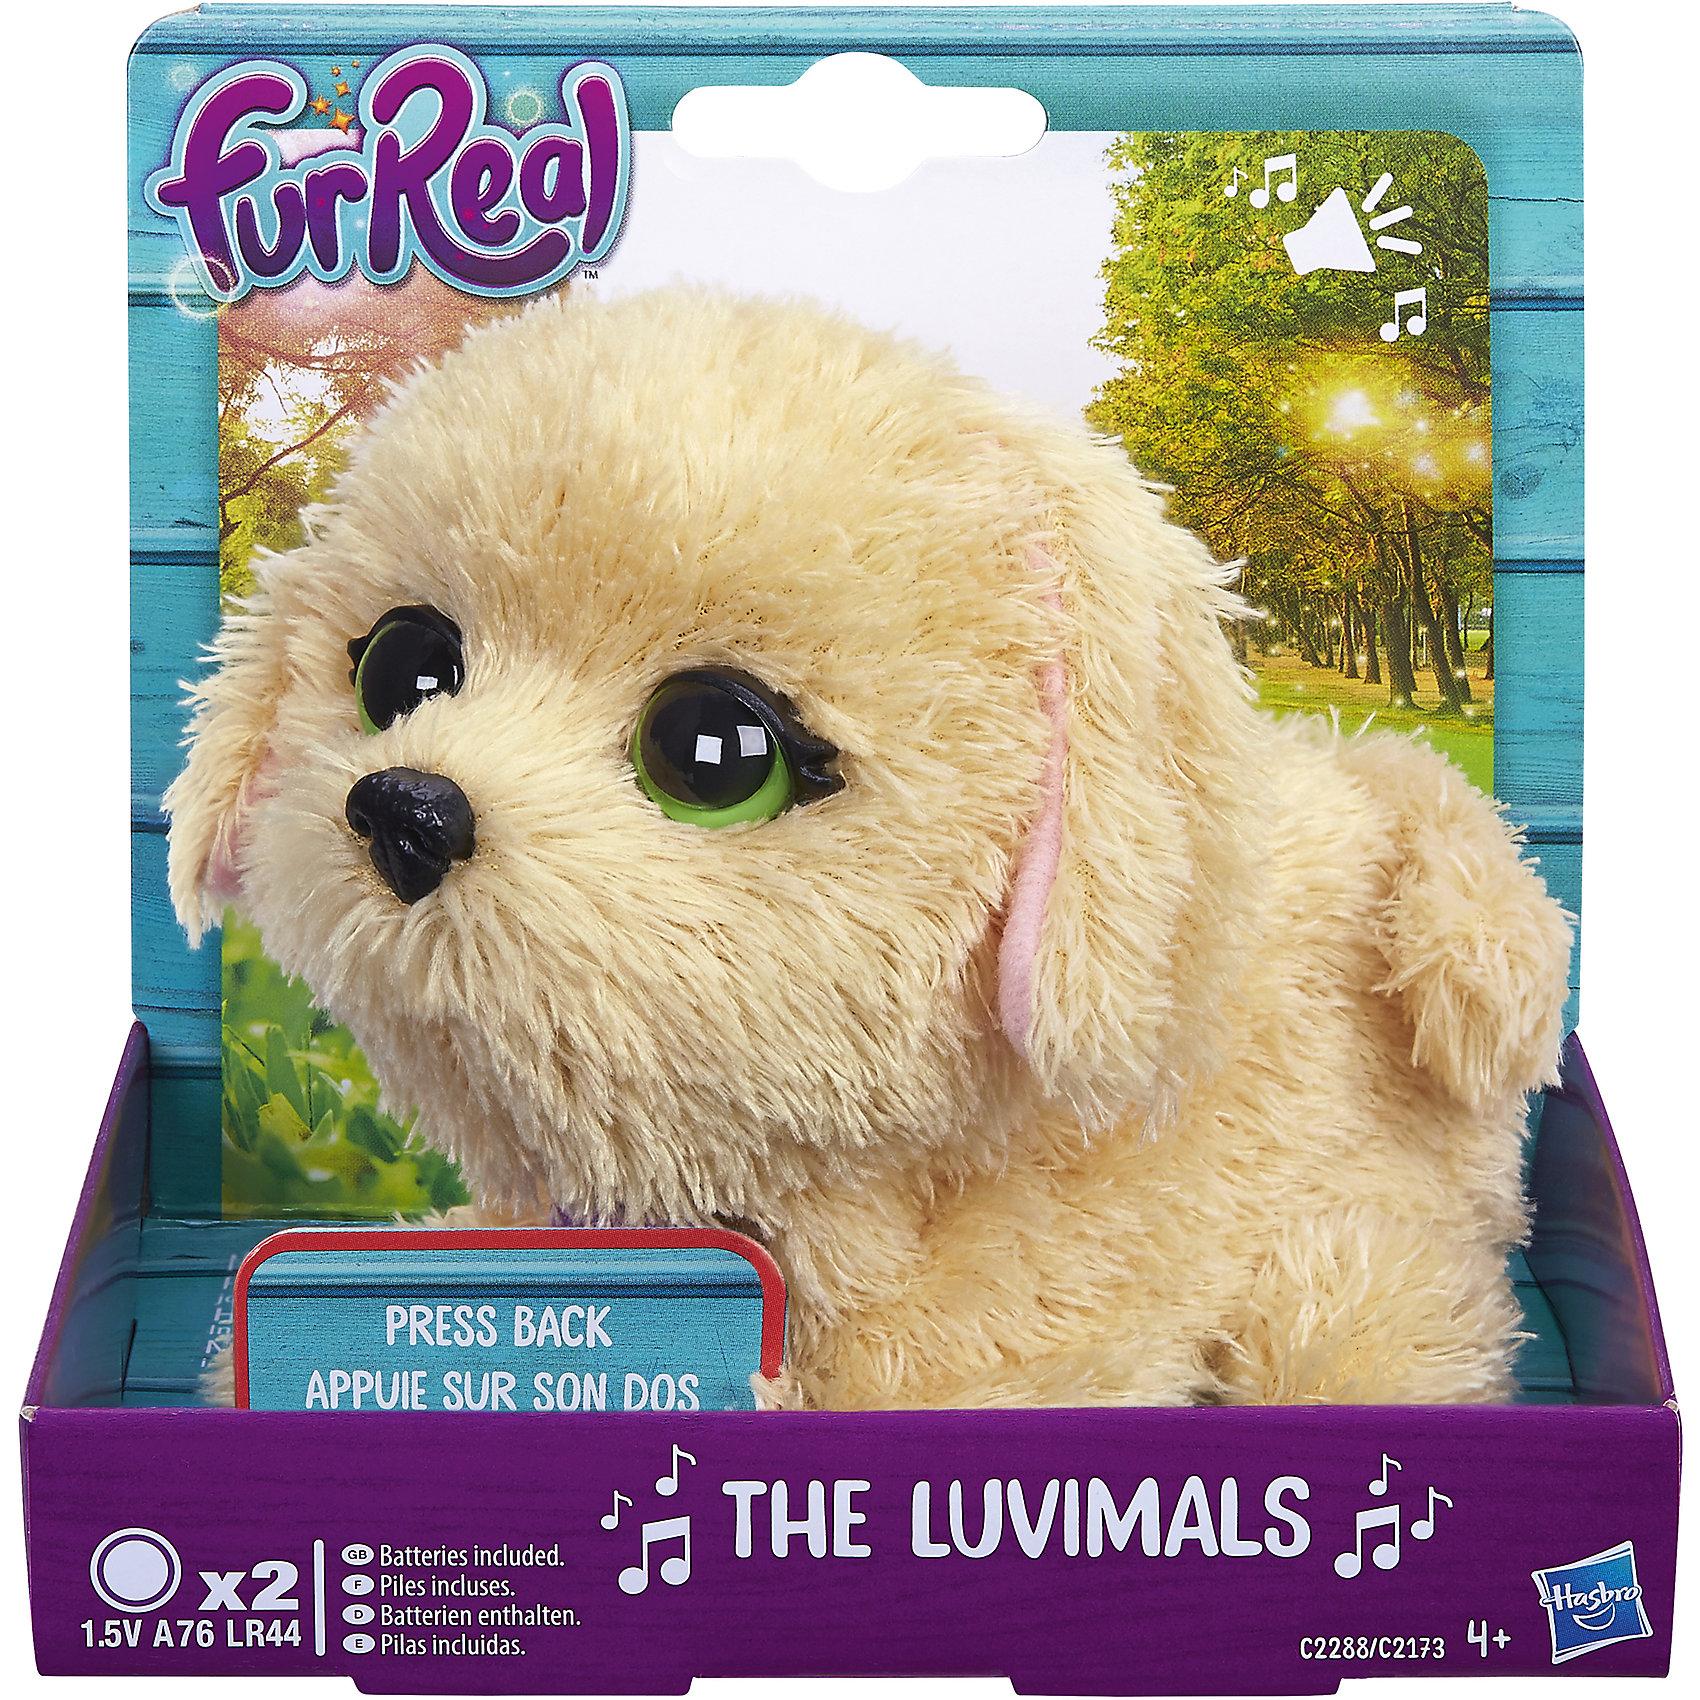 Щенок, FurReal Friends, HasbroМягкие игрушки животные<br>Характеристики:<br><br>• Вид игр: сюжетно-ролевые, коллекционирование<br>• Пол: для девочек<br>• Коллекция: Поющие зверята<br>• Материал: текстиль, пластик<br>• Батарейки: 2 х A76 / LR44 (предусмотрены в комплекте)<br>• Высота игрушки: 9-11 см<br>• Поворачивают голову<br>• Умеют петь<br>• Вес в упаковке: 130 г<br>• Размеры упаковки (Д*Ш*В): 11,4*10,2*12,7 см<br>• Упаковка: картонная коробка <br><br>Поющие зверята, Furreal, C2173/C2174 – это коллекция милых пушистых животных от Хасбро, которые умеют петь. Все зверушки выполнены из плюша с ворсом, за счет чего они очень приятные на ощупь, большие выразительные глазки придают игрушкам очень миловидный облик. У каждого зверька на шее имеется пластиковый кулон с брендовой надписью. Игрушки умеют не только петь соло, но и дуэтом. Благодаря компактному размеру, их можно брать с собой в дорогу или в качестве талисмана. Щенок выполнен из плюша бежевого цвета и у него большие зеленые глаза. Сюжетно-ролевые игры с музыкальными игрушками способствуют развитию художественно-эстетического и музыкального вкуса, а разыгрываемые сюжетно-ролевые игры с домашними любимцами развивают чувство ответственности и заботы. <br><br>Поющих зверят, Furreal, C2173/C2174 можно купить в нашем интернет-магазине.<br><br>Ширина мм: 102<br>Глубина мм: 127<br>Высота мм: 114<br>Вес г: 151<br>Возраст от месяцев: 48<br>Возраст до месяцев: 144<br>Пол: Женский<br>Возраст: Детский<br>SKU: 5363496